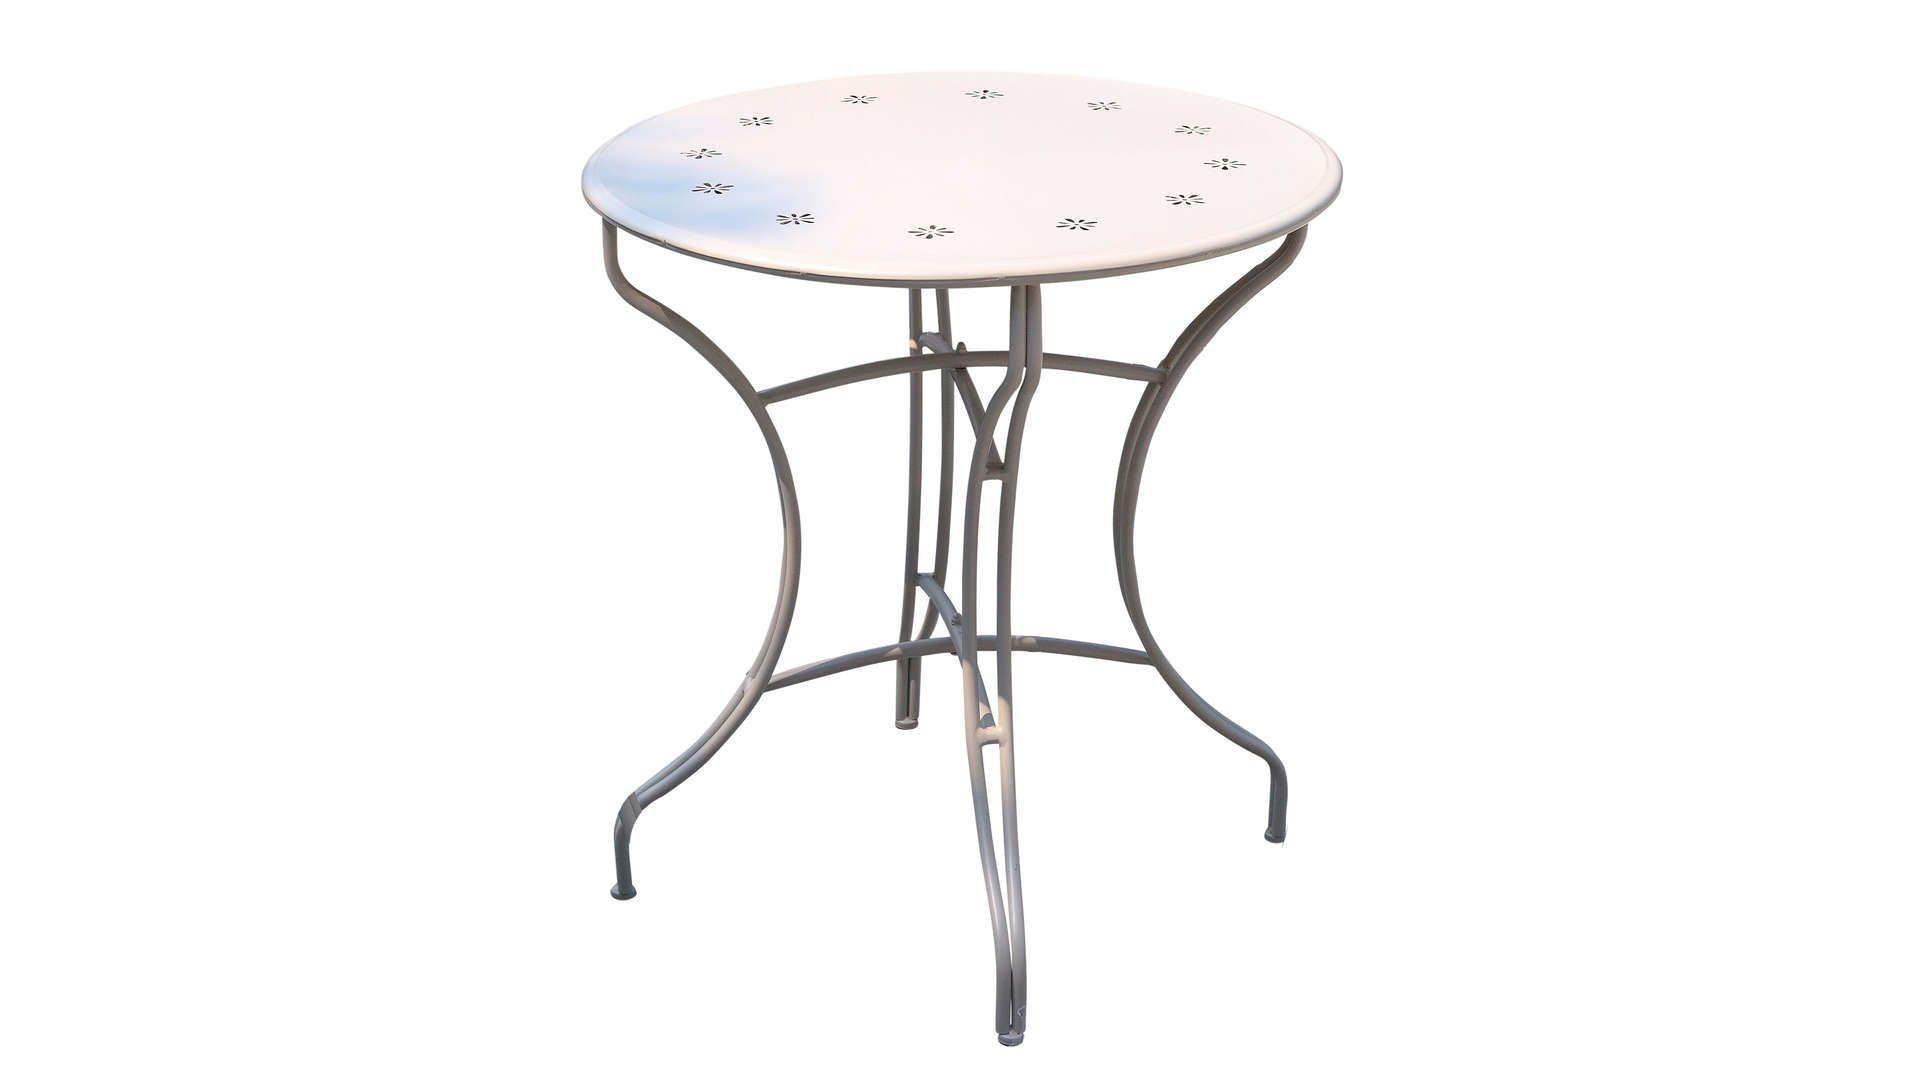 Table De Jardin Ronde En Métal Diam.70 Cm Flores Coloris ... encequiconcerne Table Jardin Ronde Pas Cher